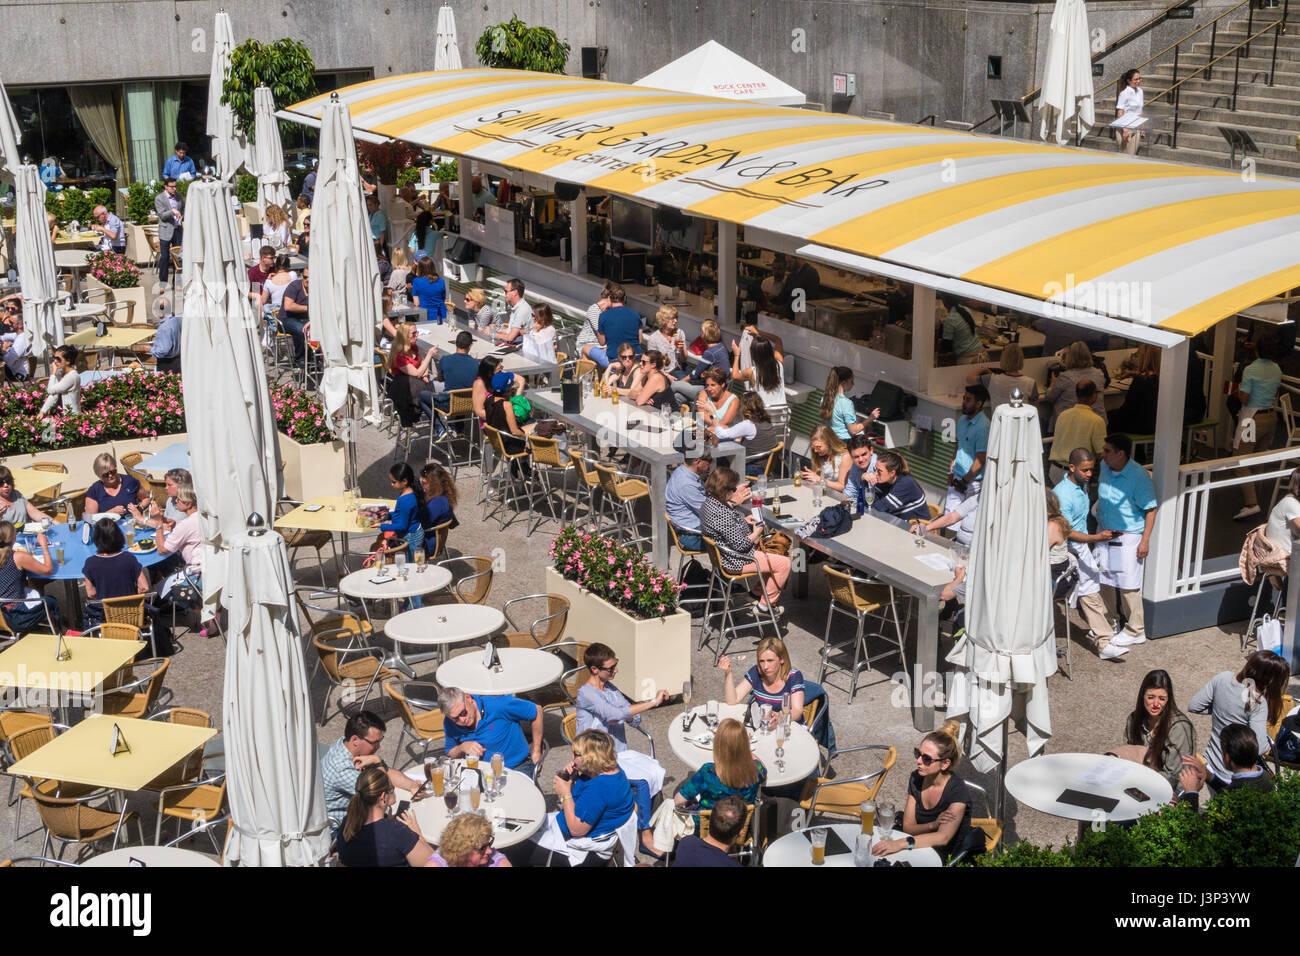 Rock center cafe summer garden and bar rockefeller center nyc usa stock photo 140012989 alamy for Summer garden and bar